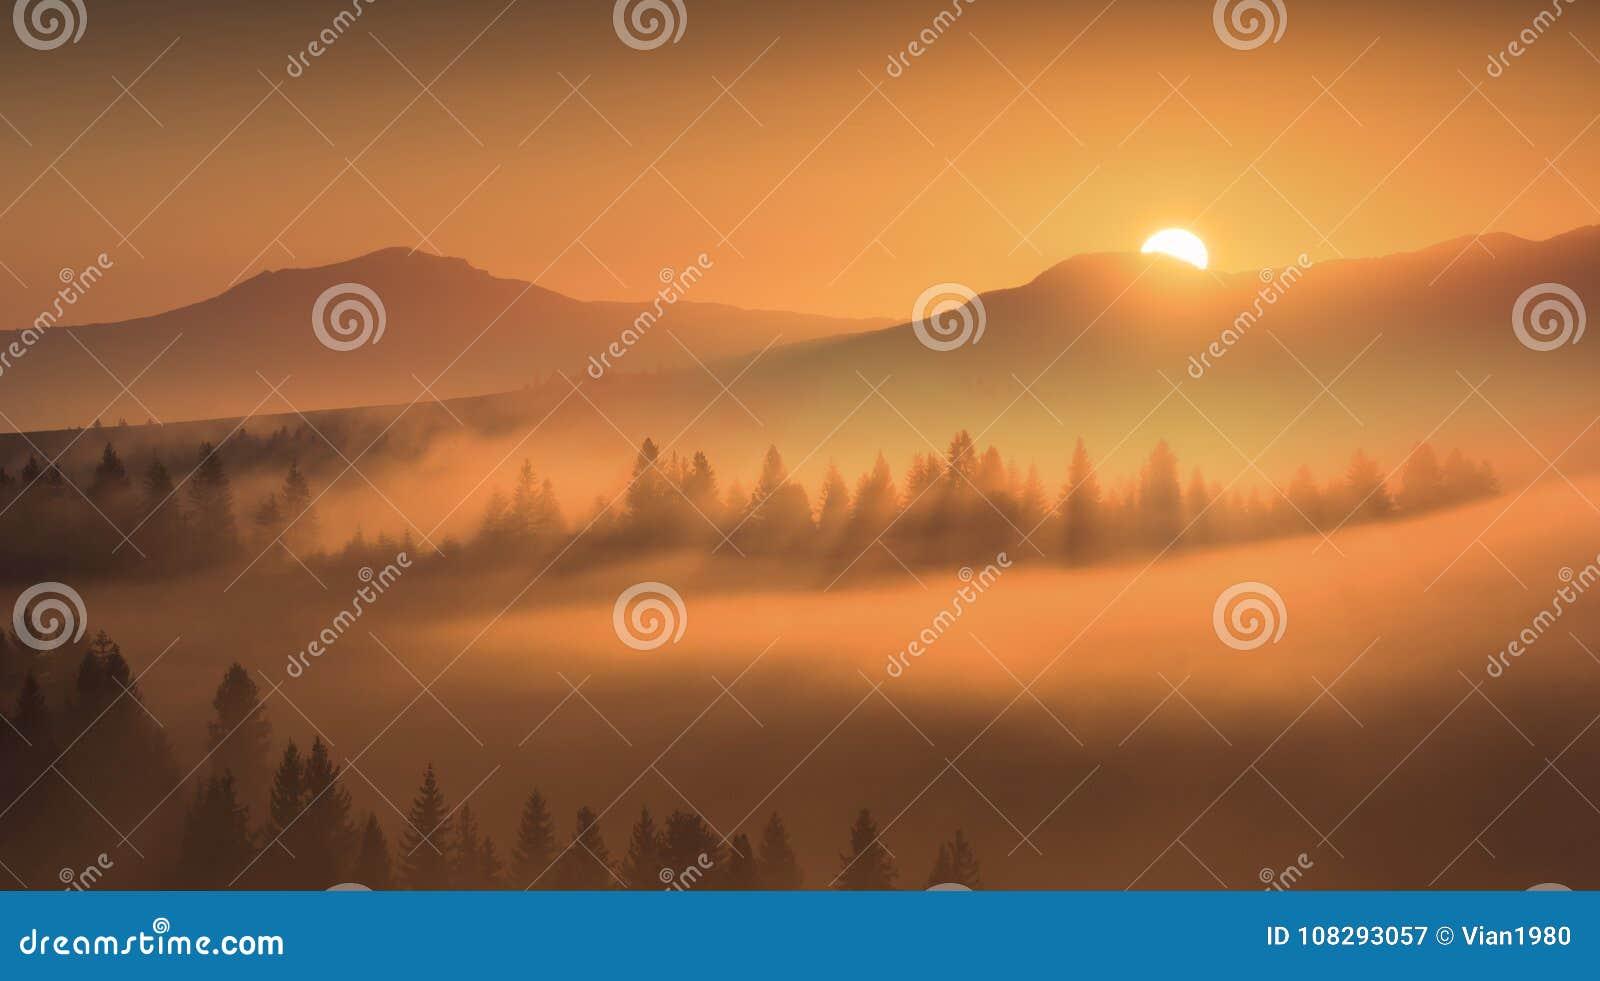 Download Eerste Gouden Stralen Van Het Toenemen Zon Stock Afbeelding - Afbeelding bestaande uit zonlicht, achtergrond: 108293057